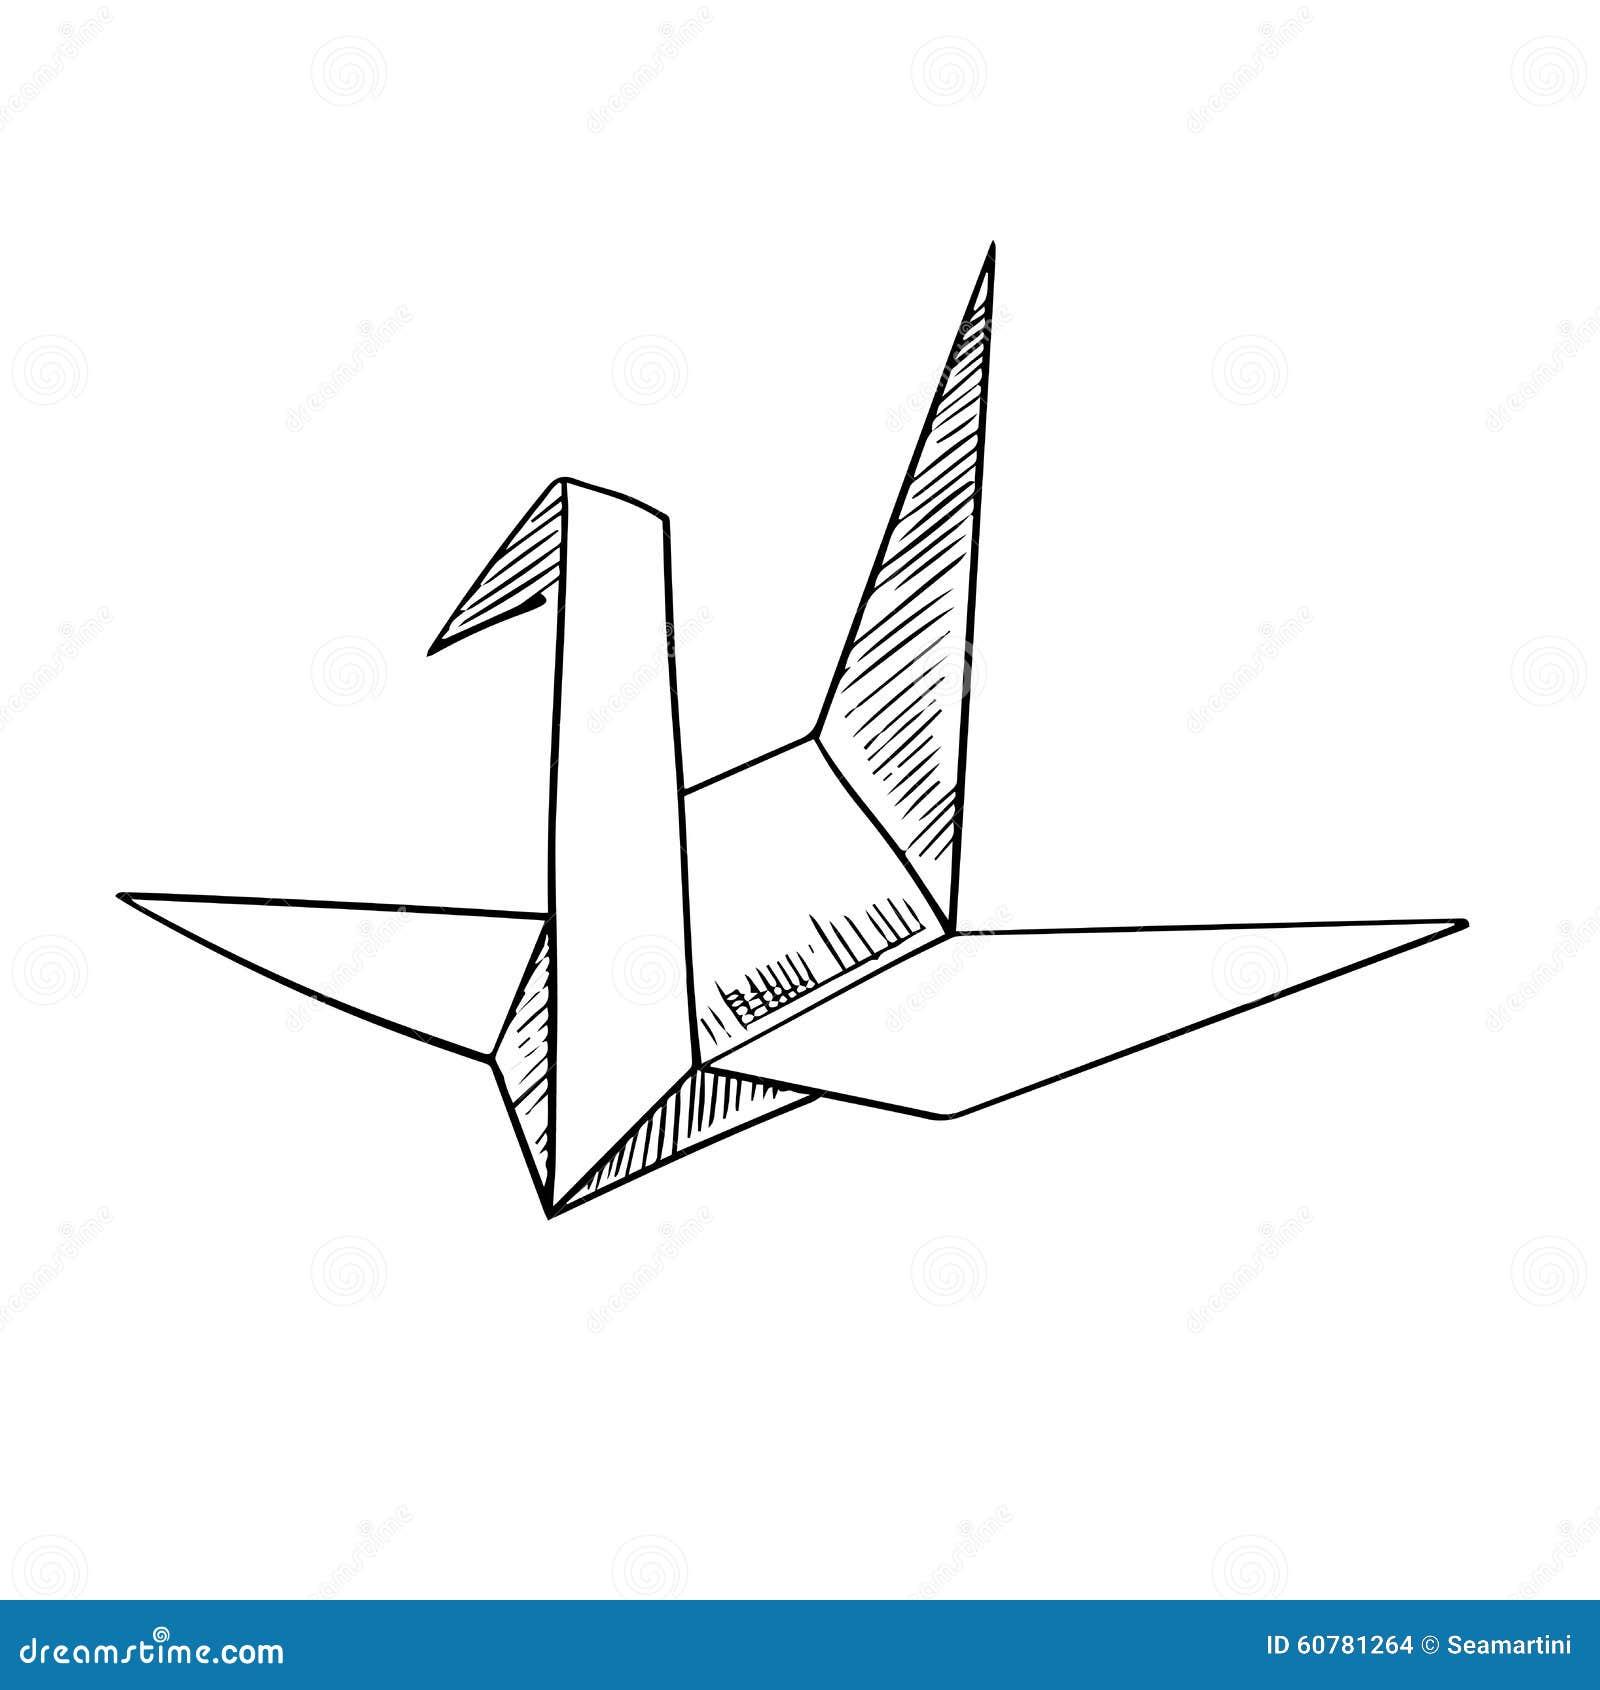 ic ne de croquis d 39 oiseau de papier de grue d 39 origami illustration de vecteur image 60781264. Black Bedroom Furniture Sets. Home Design Ideas